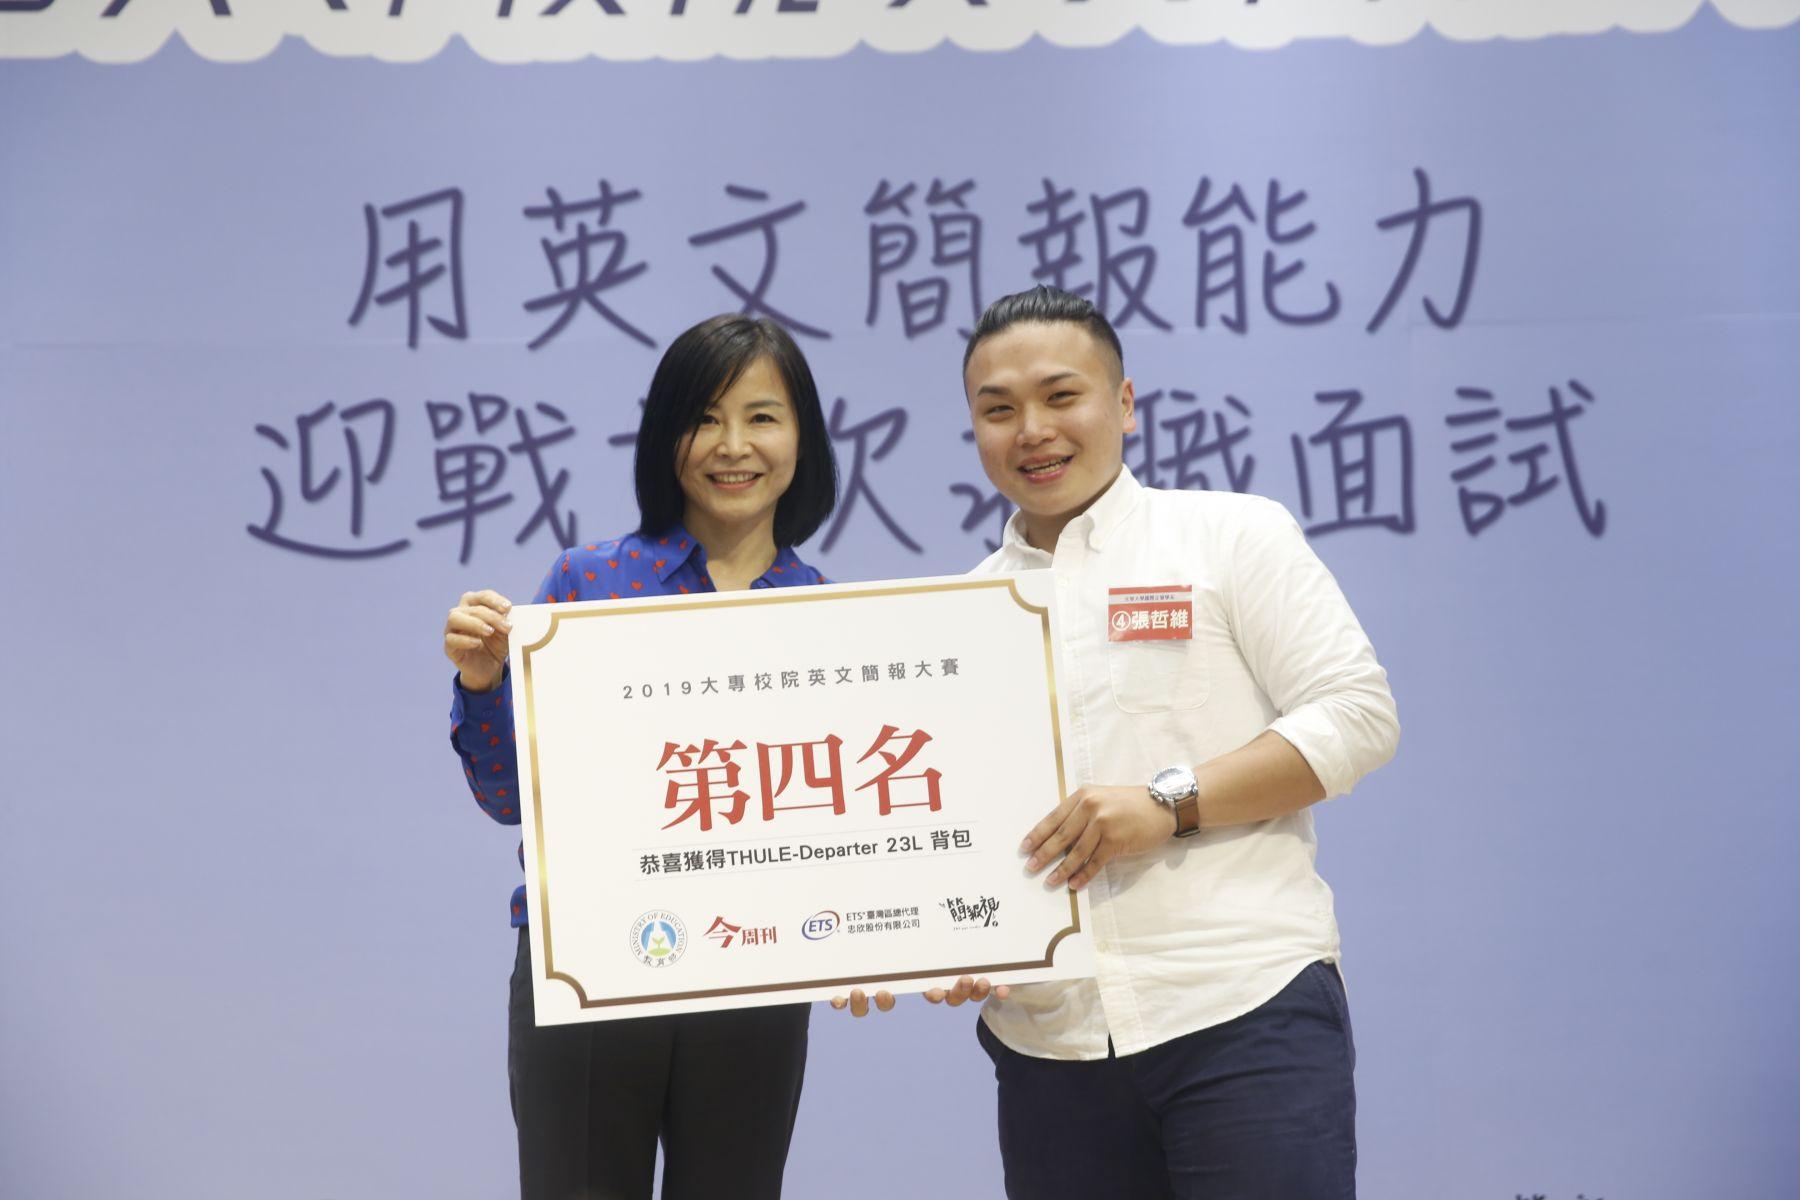 2019大專校院英文簡報大賽第四名張哲維與麥當勞中國首席營運官林慧蓉。